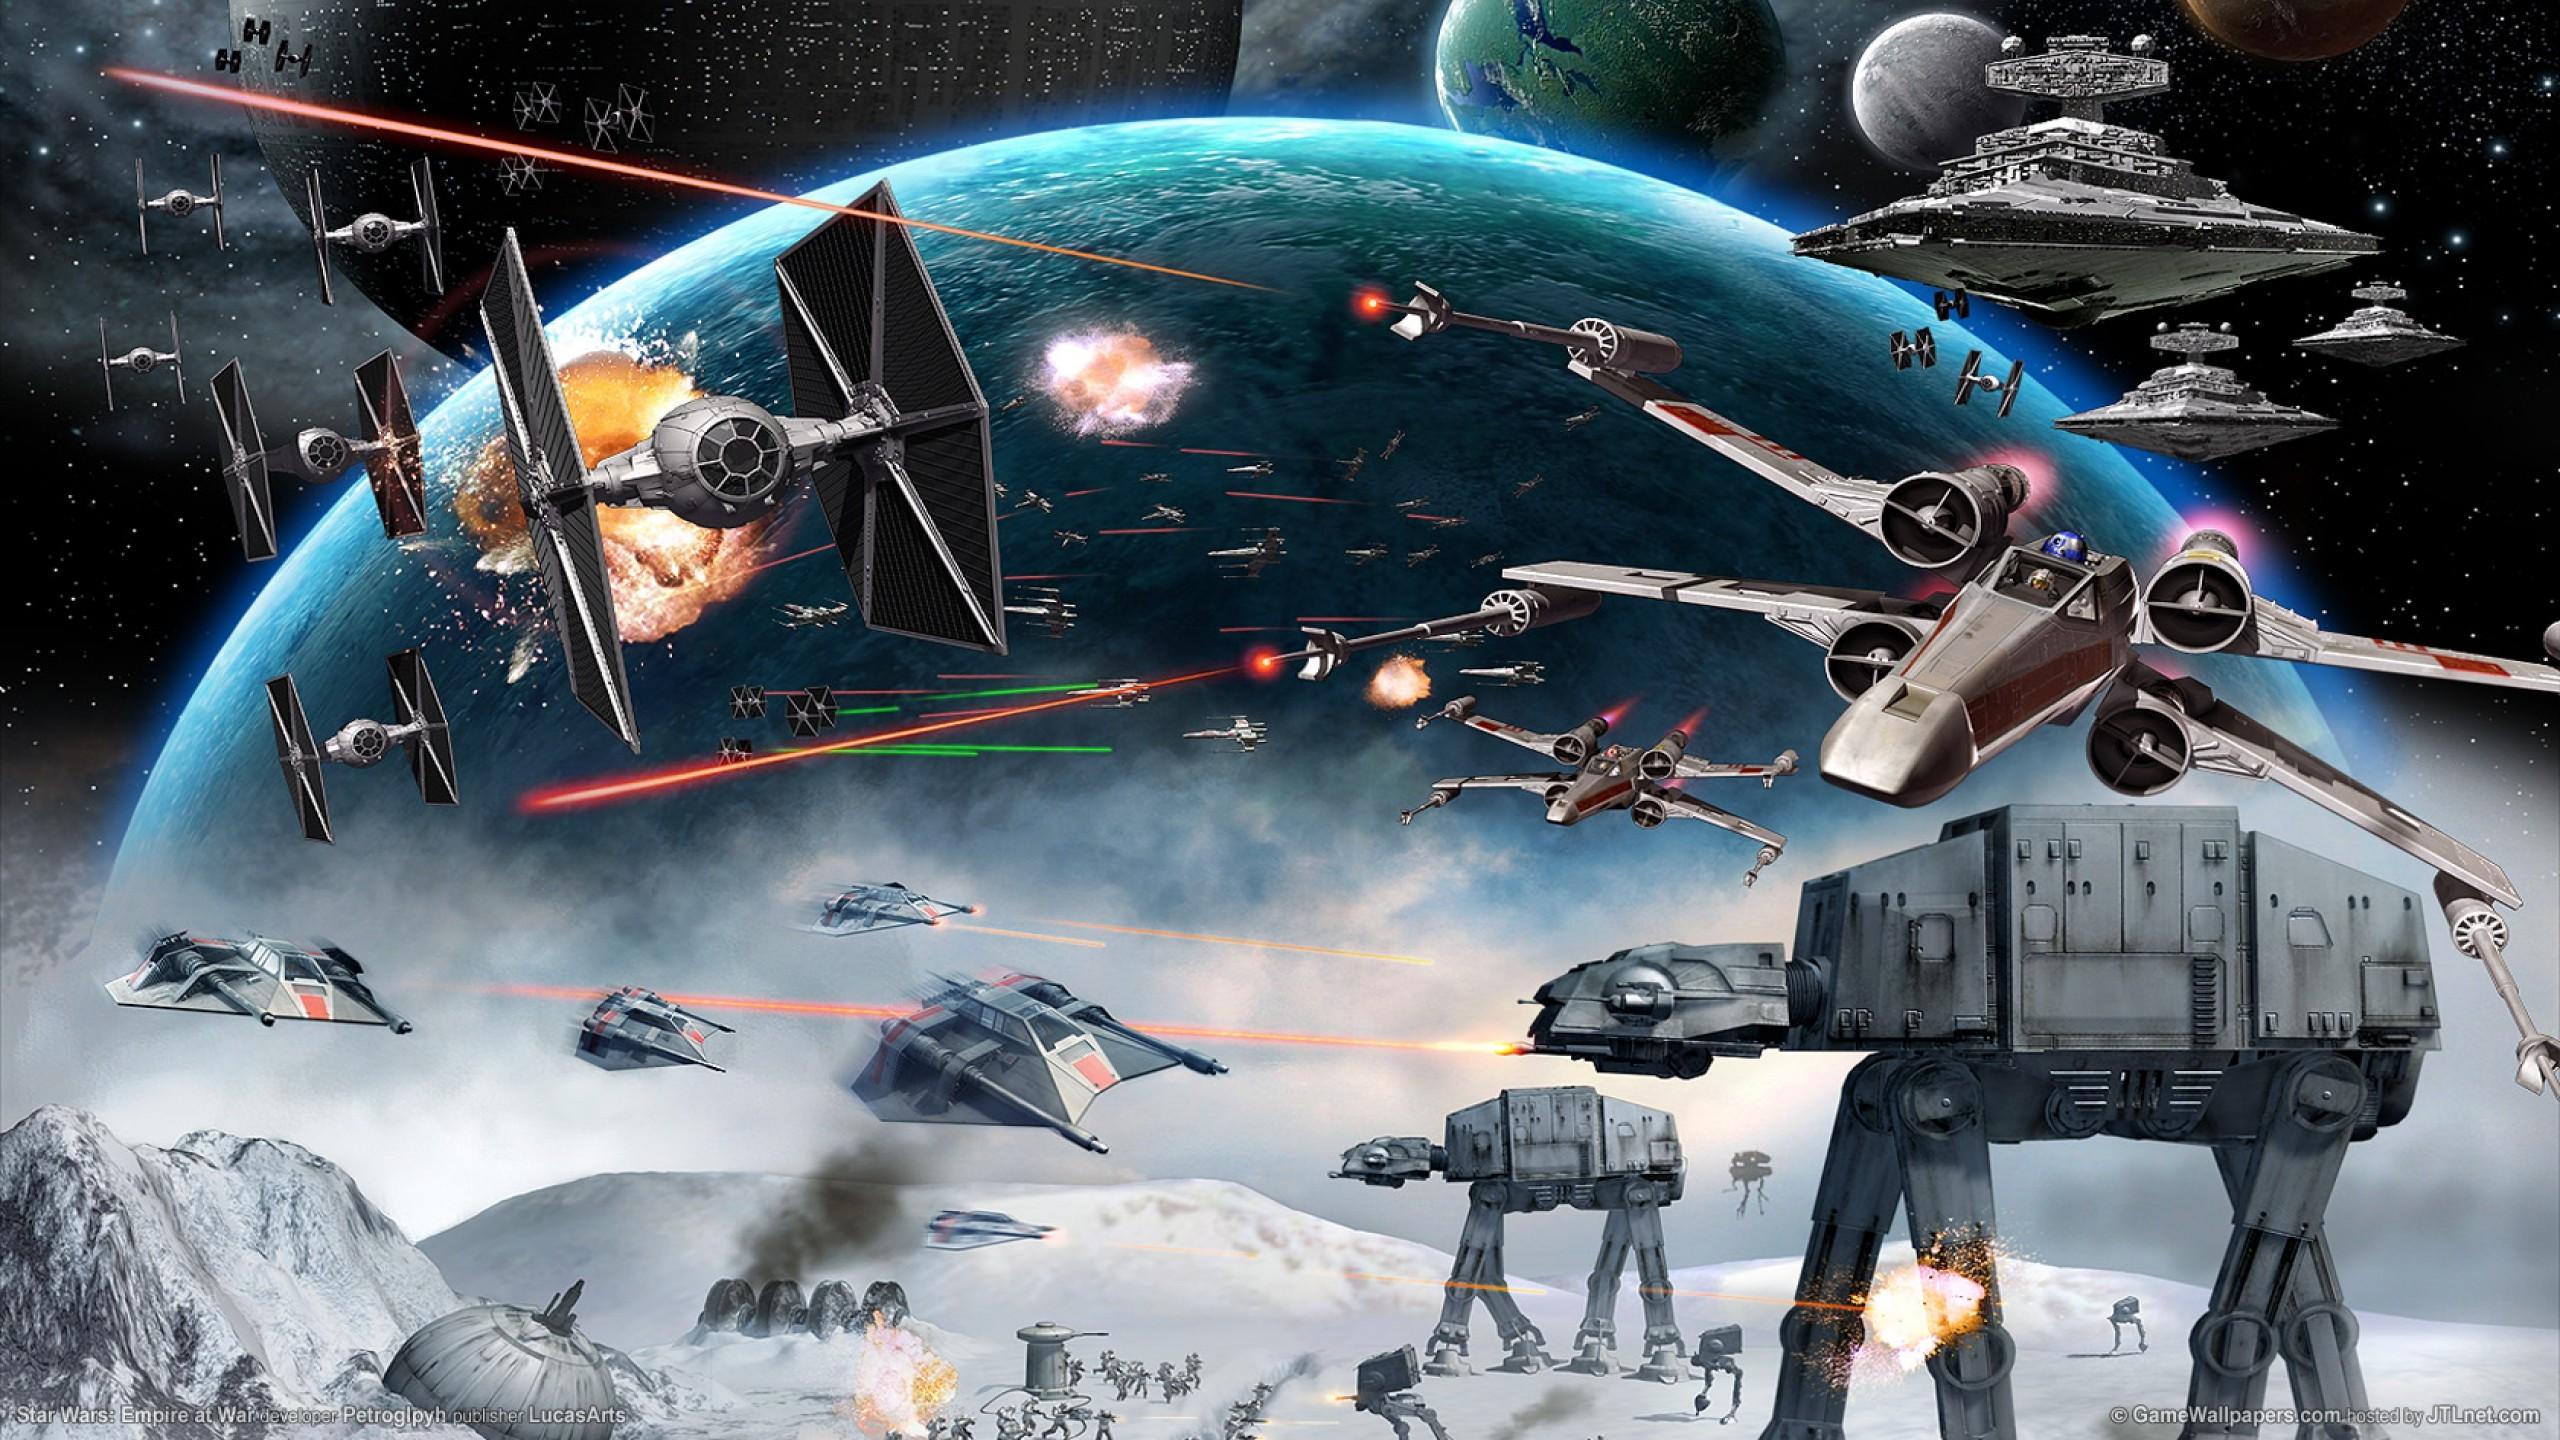 Star Wars Space Battle wallpaper – 1302331